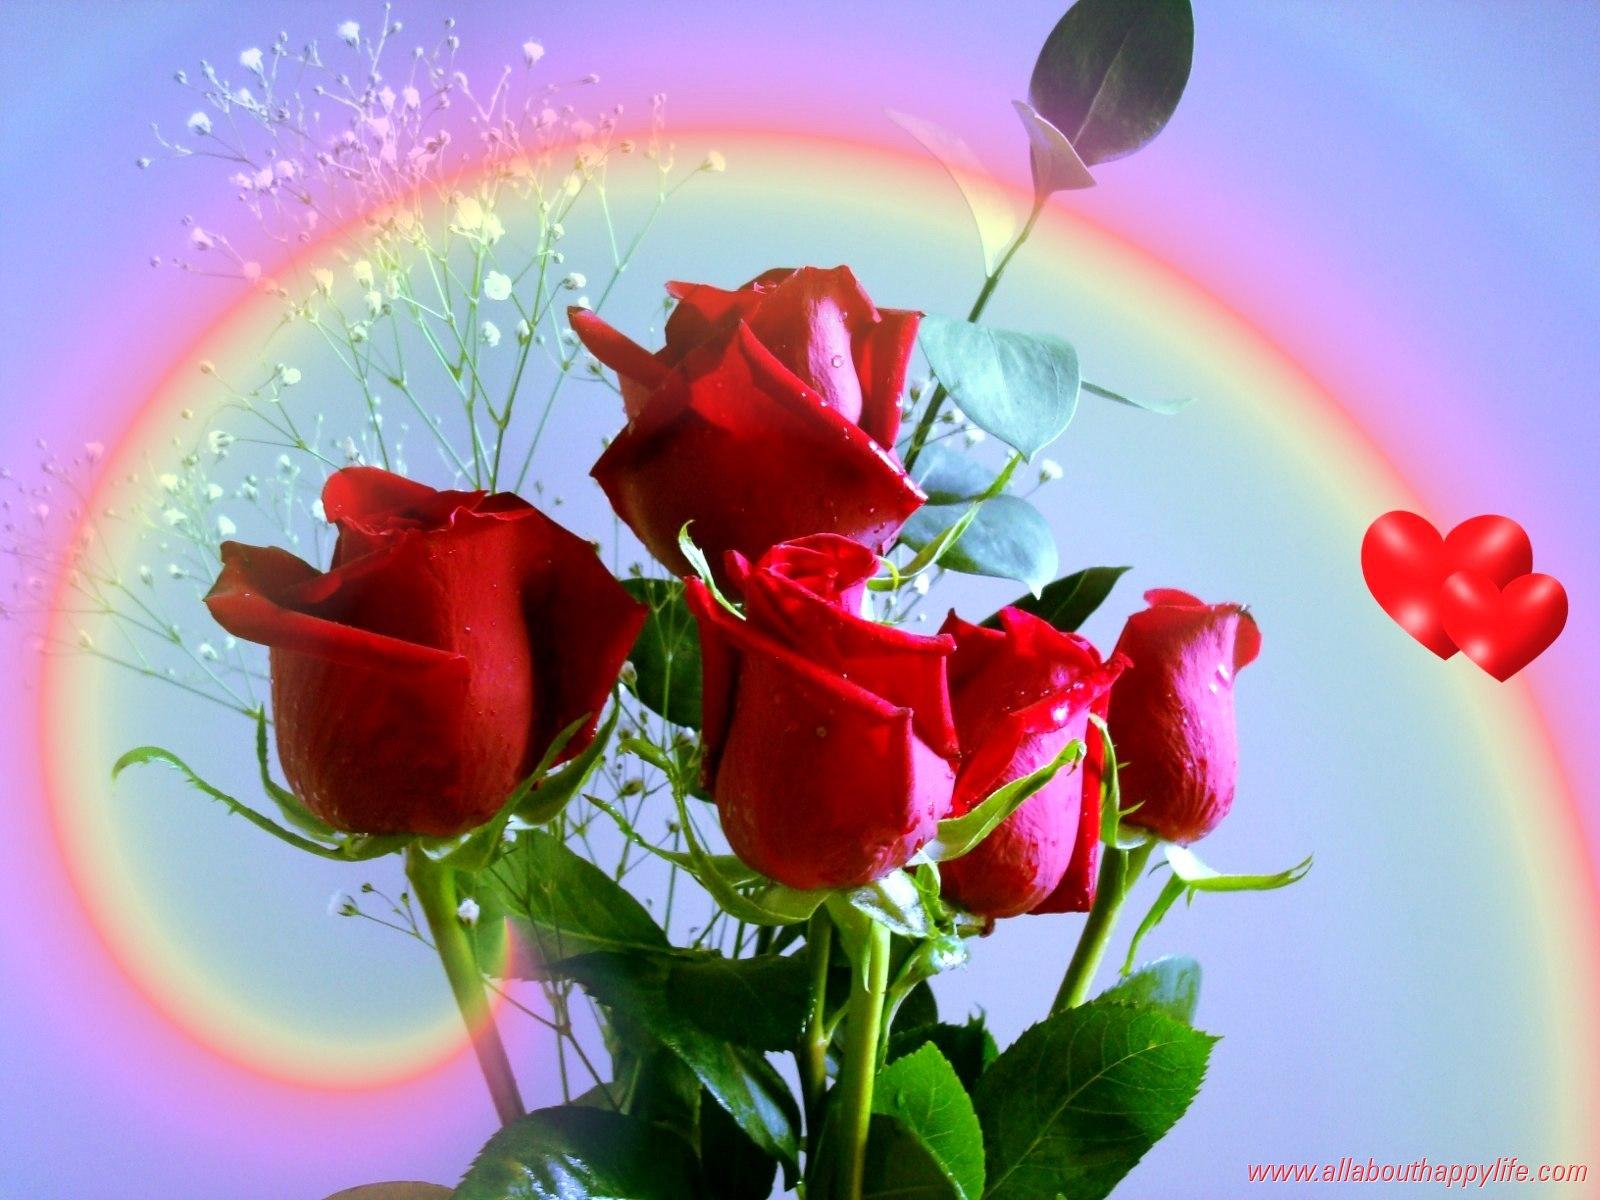 Red Rose Love Wallpaper Wallpapersafari